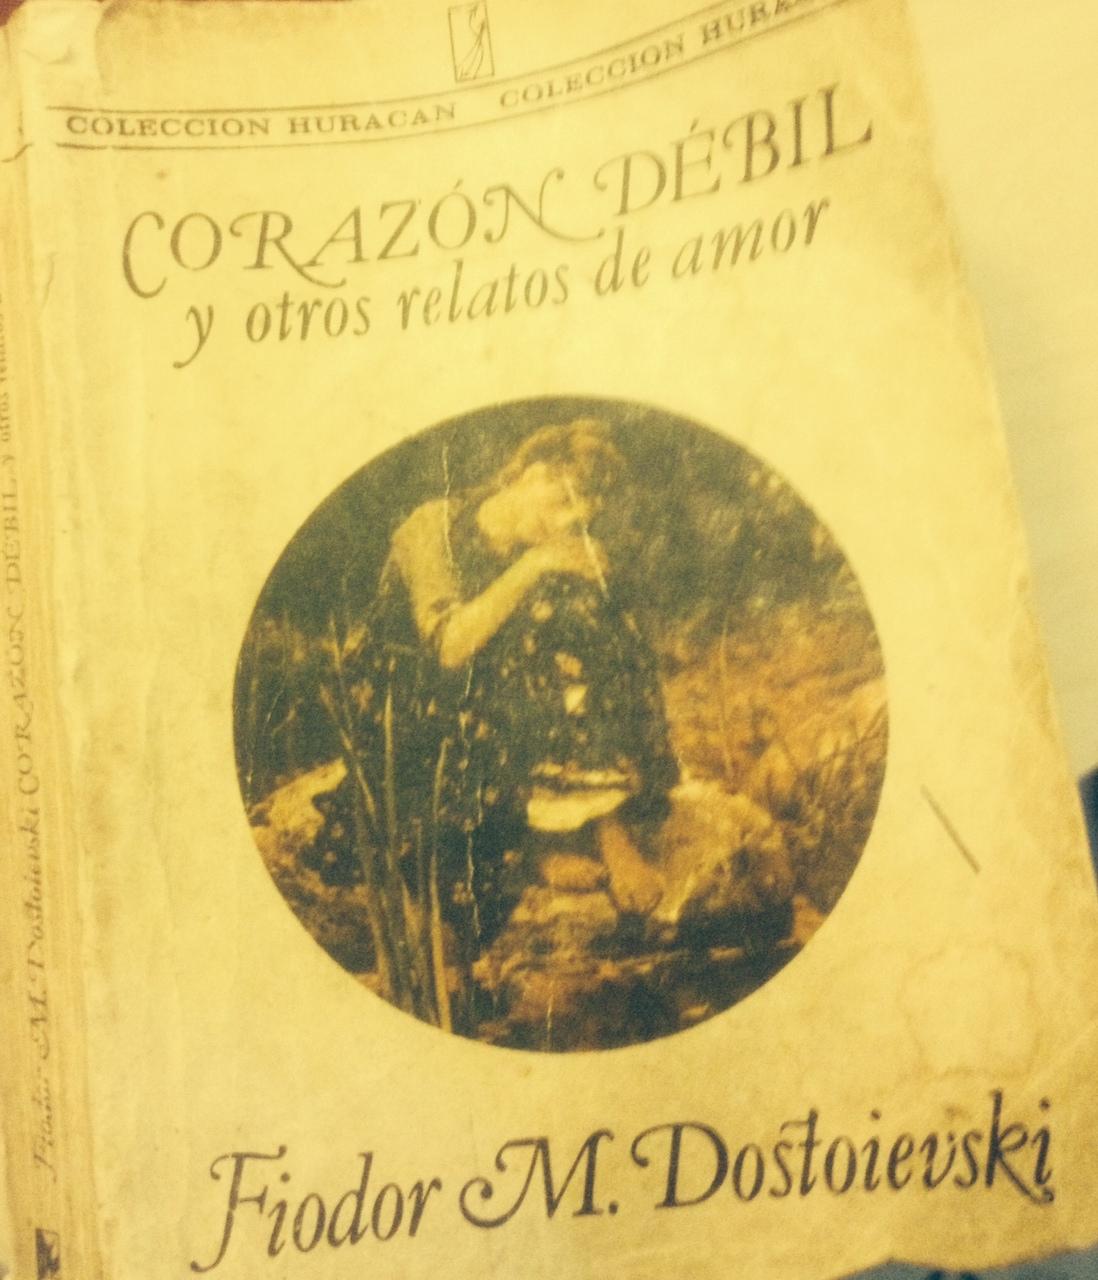 Corazón Débil y otros relatos de amor - Dostoiesvki